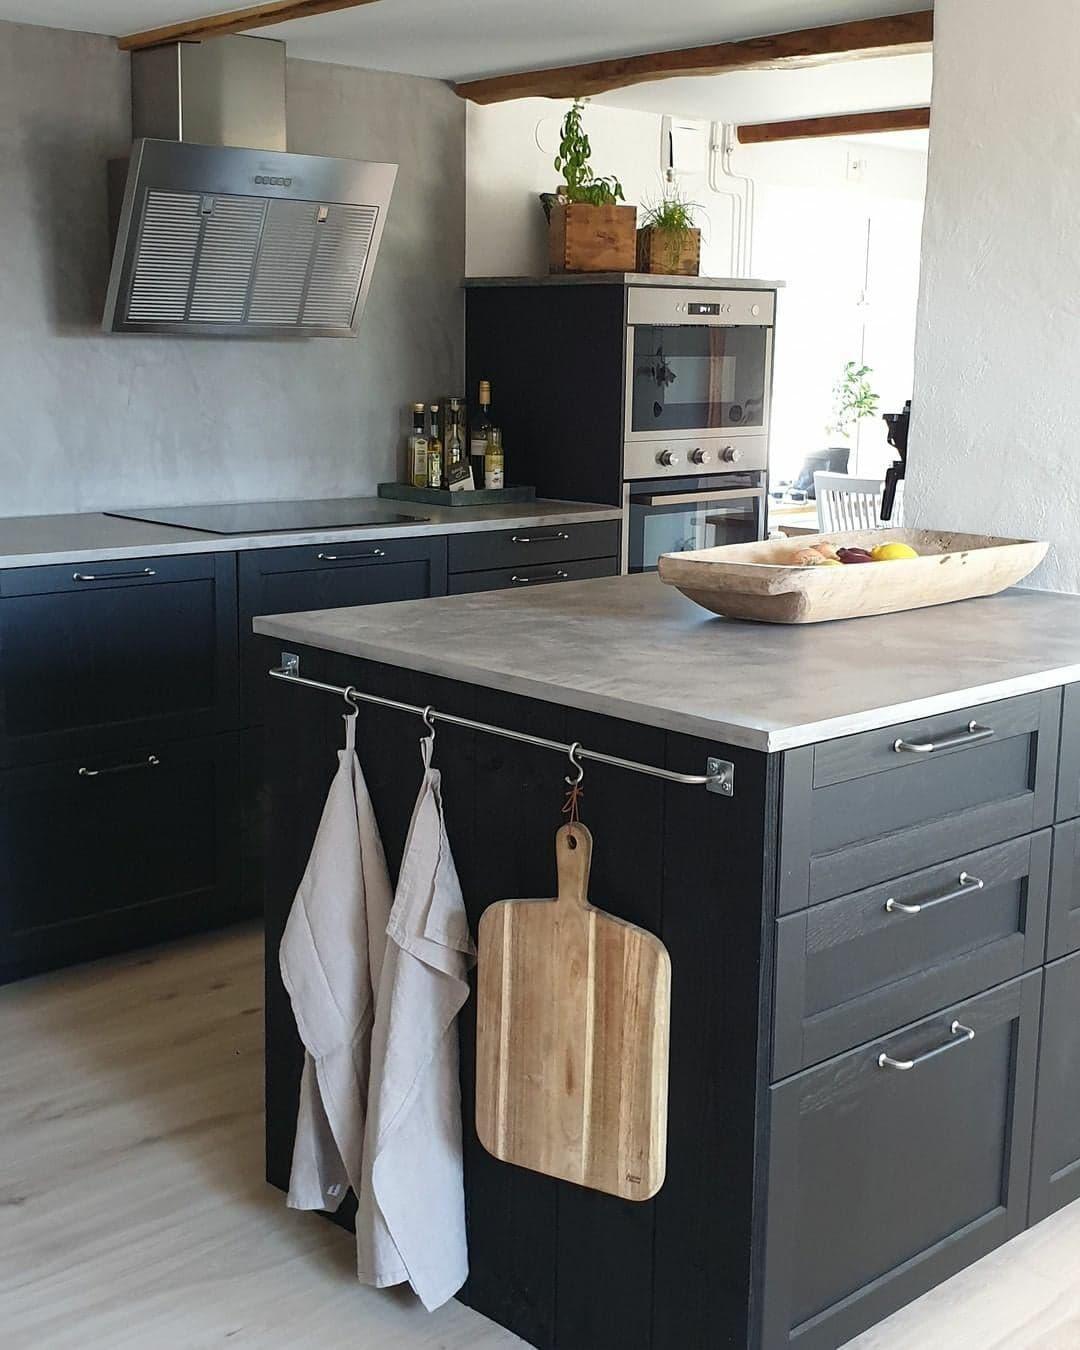 encimera de hormigón - encimera de microcemento - cocina estilo escandinavo